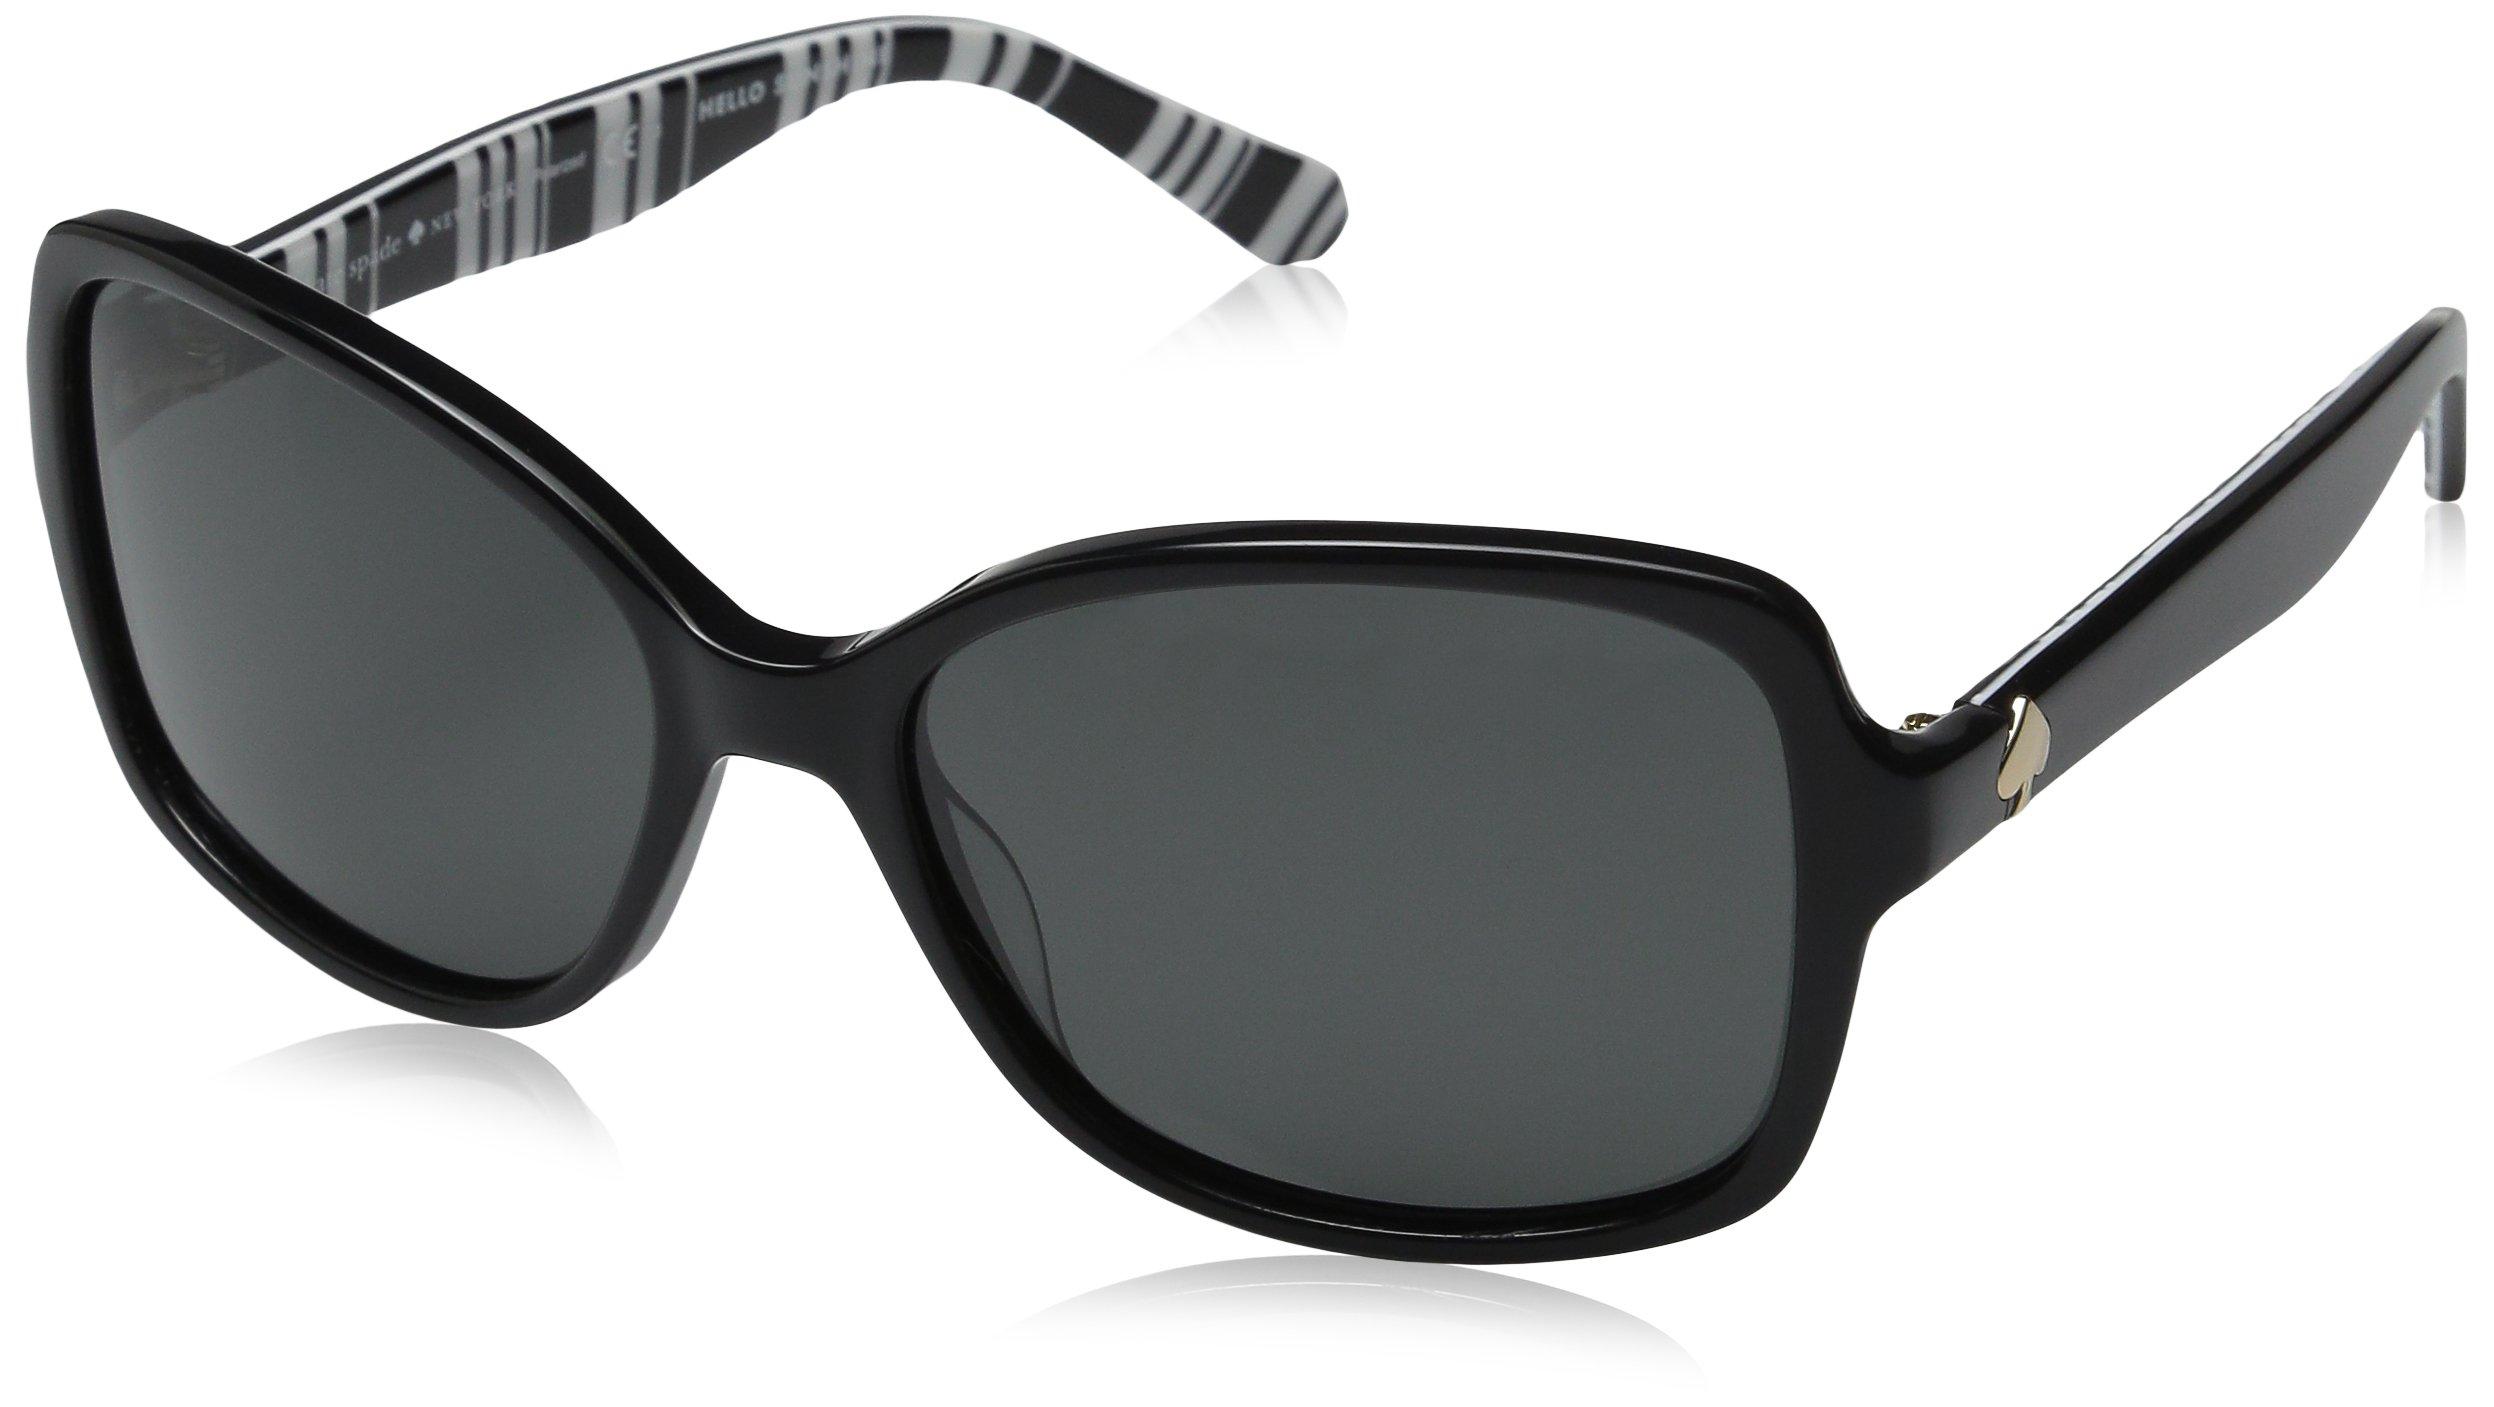 Kate Spade Women's Ayleen/P/S Polarized Rectangular Sunglasses, Black Pattern White/Gray, 56 mm